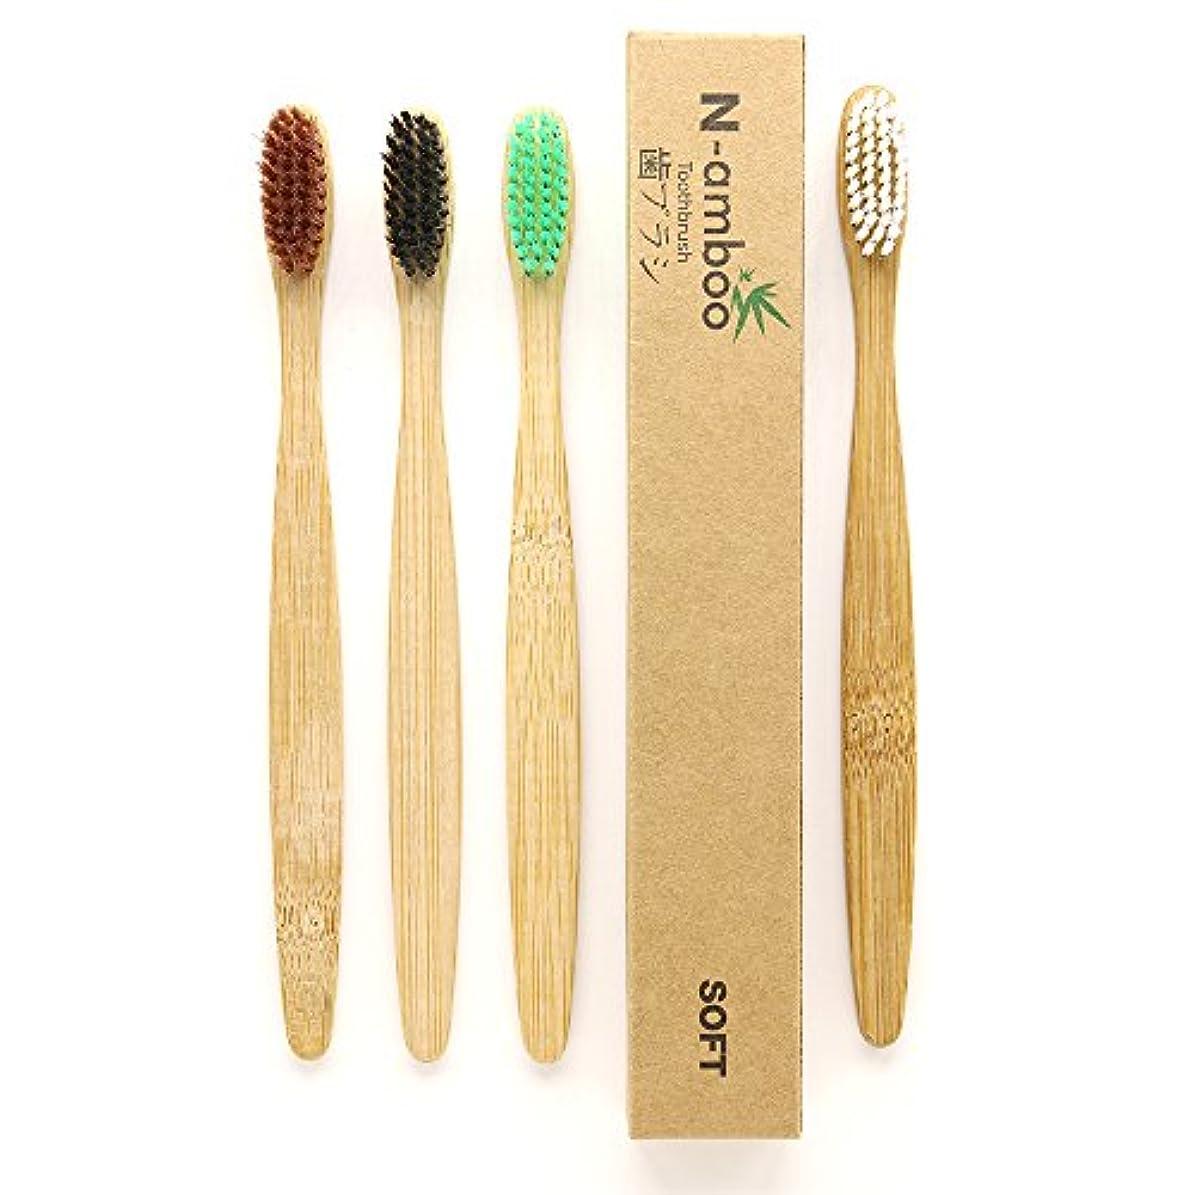 チューリップスノーケル水差しN-amboo 竹製耐久度高い 歯ブラシ 4本入り(4色各1本)